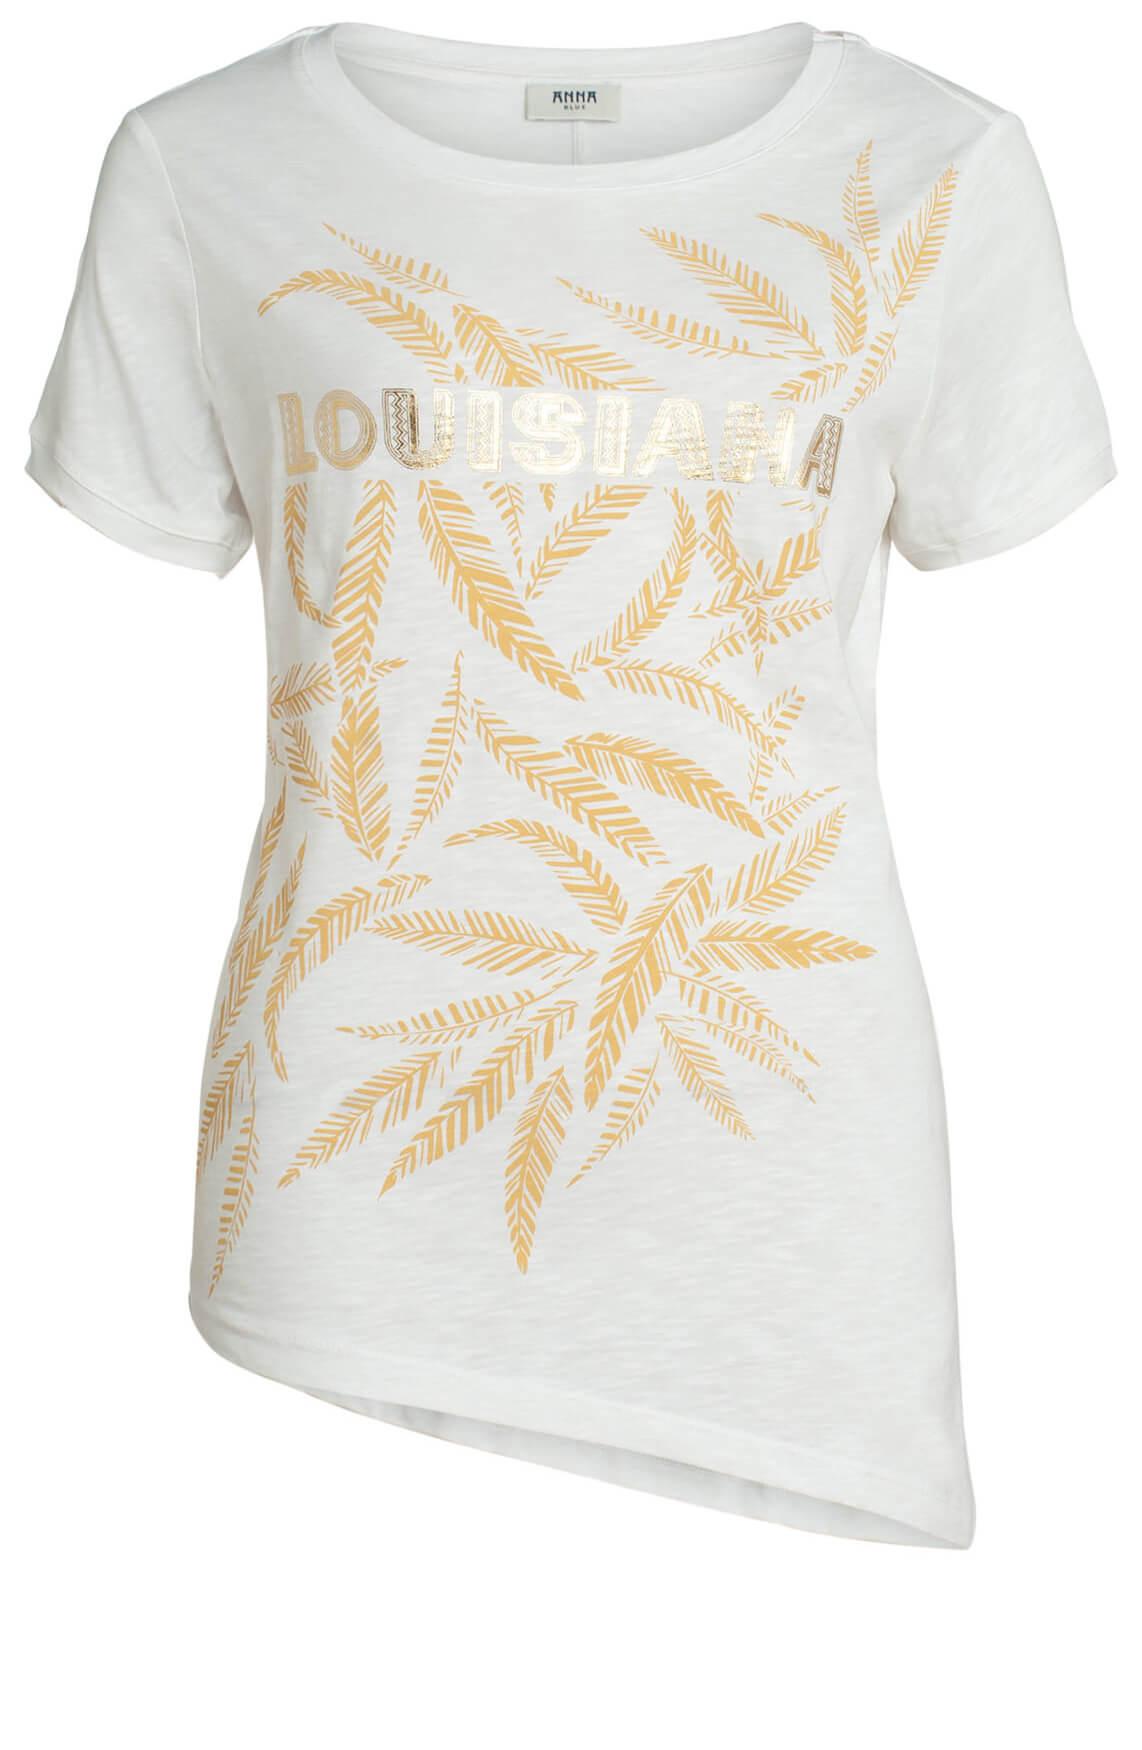 Anna Blue Dames Shirt met print wit